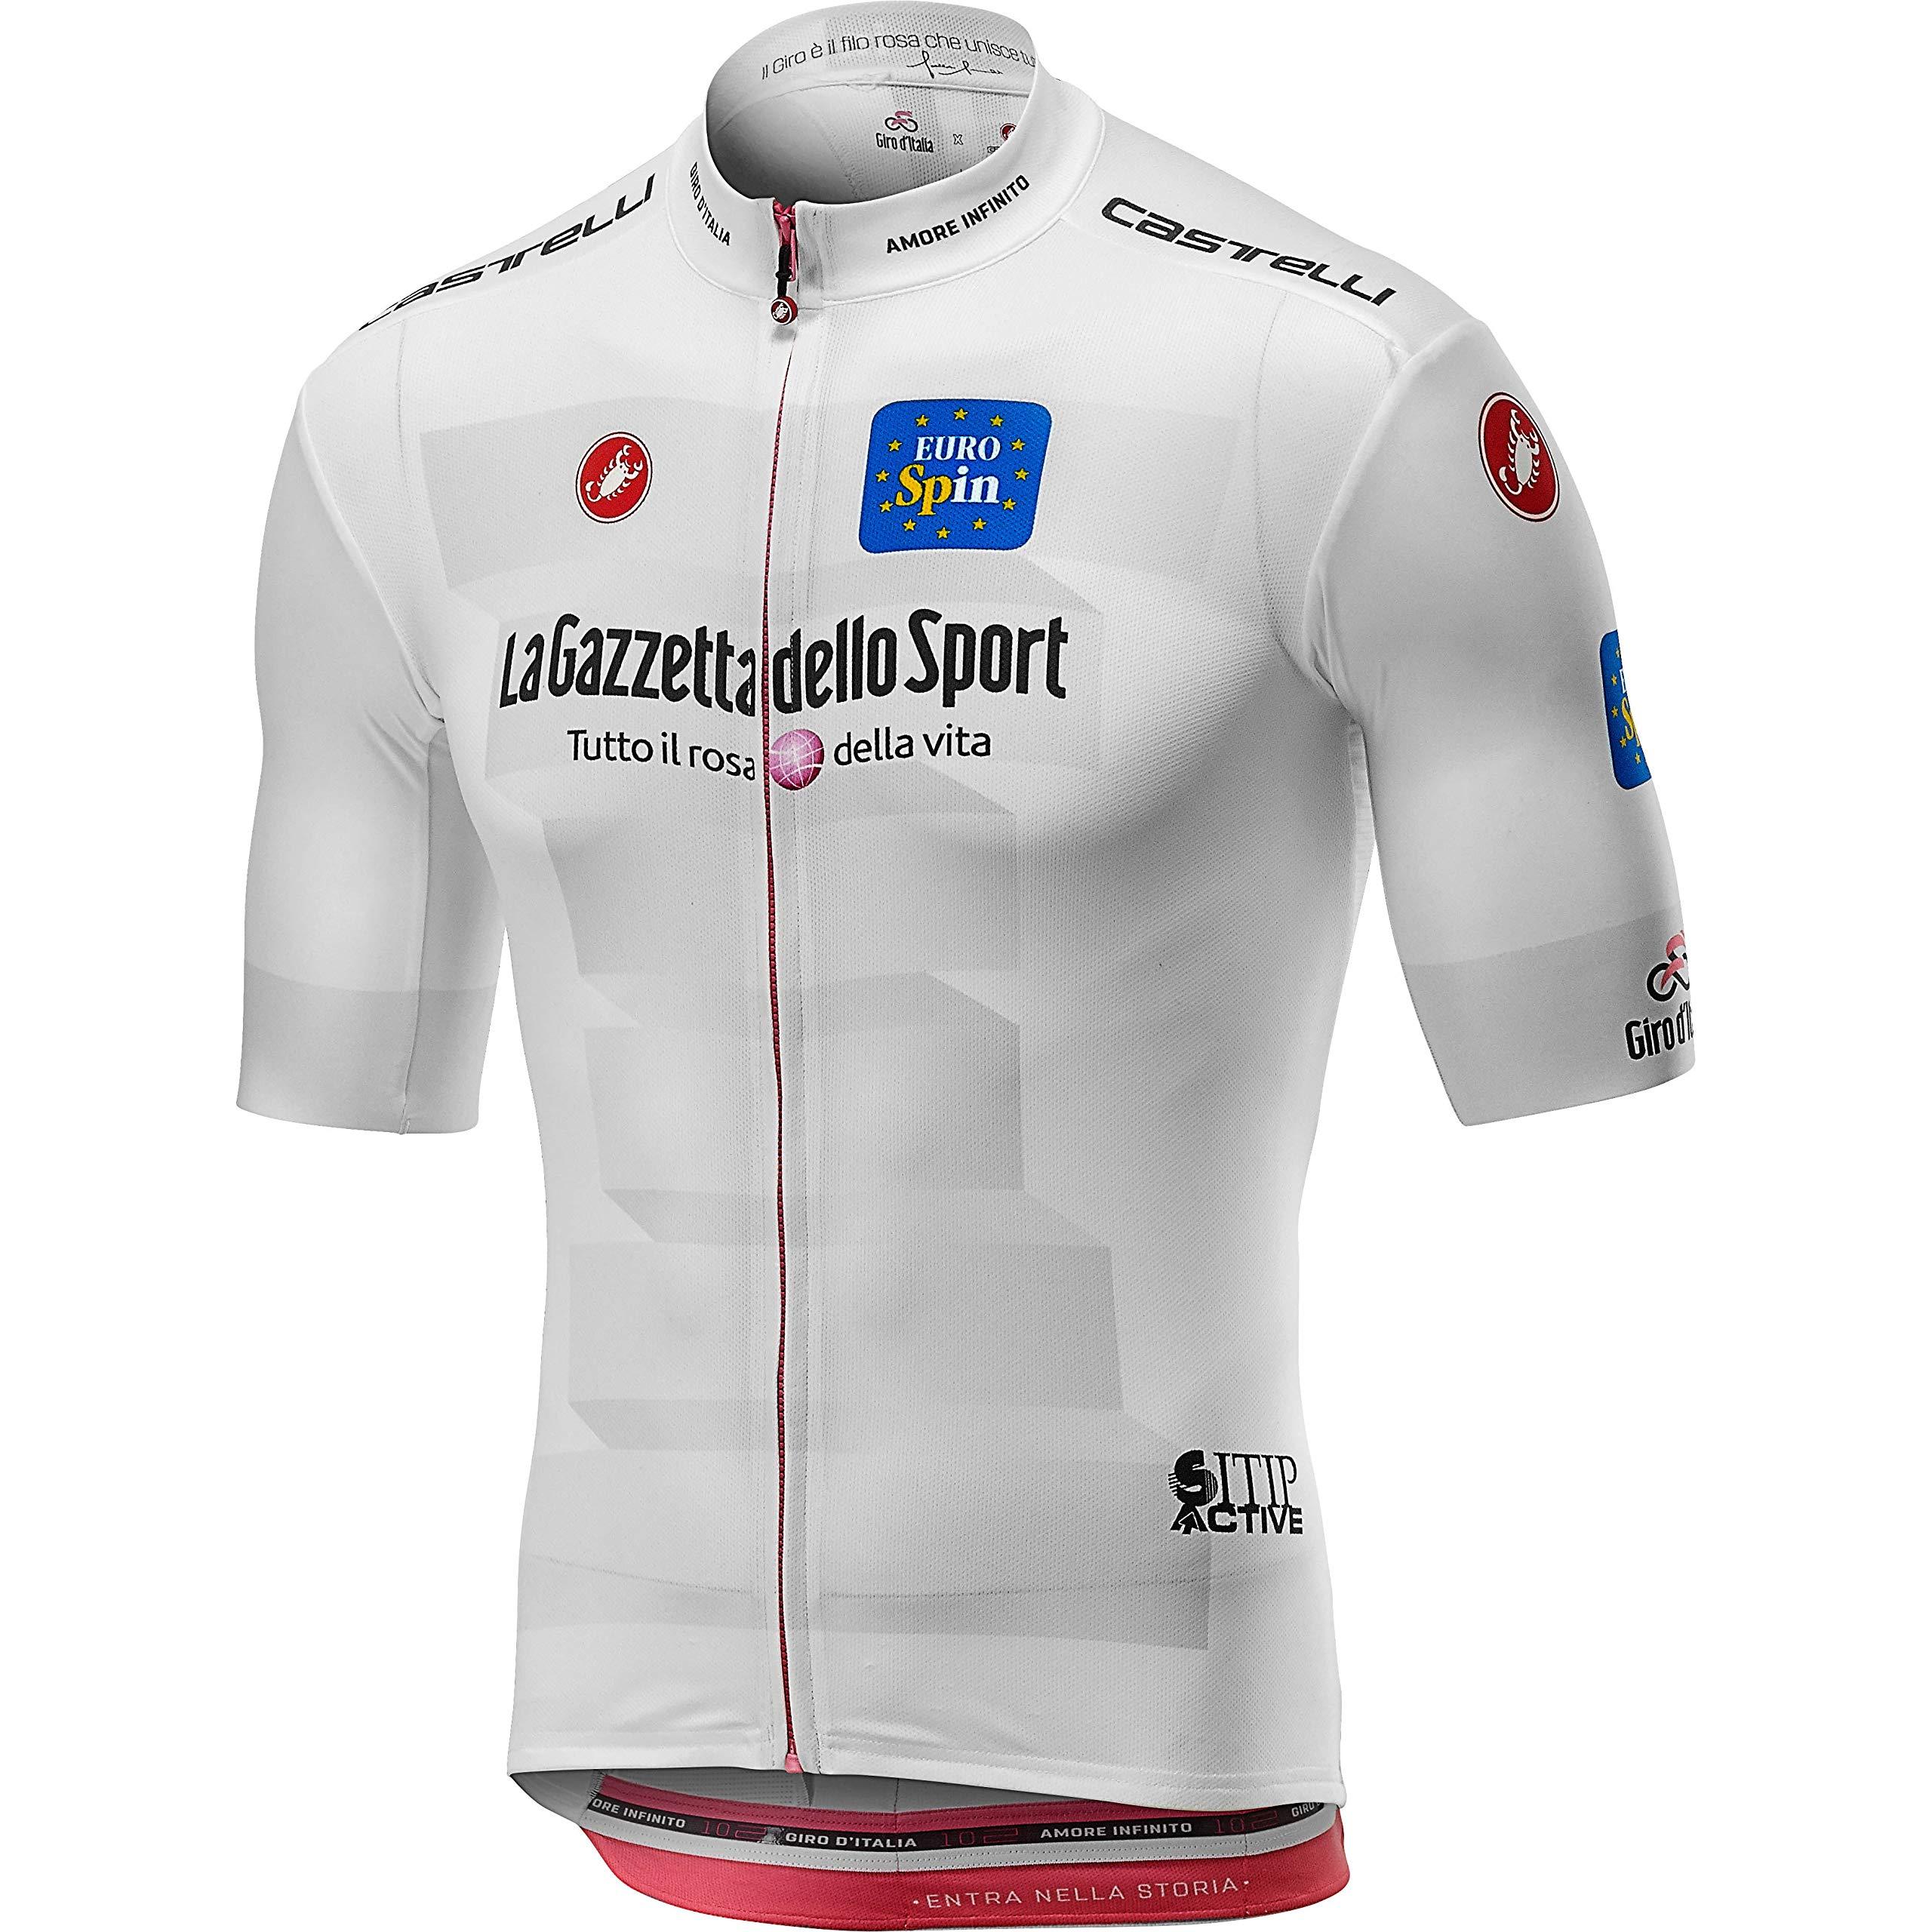 cdd8214e7b26 Castelli # Giro102 Squadra Jersey, Maglietta Ciclismo Uomo ...